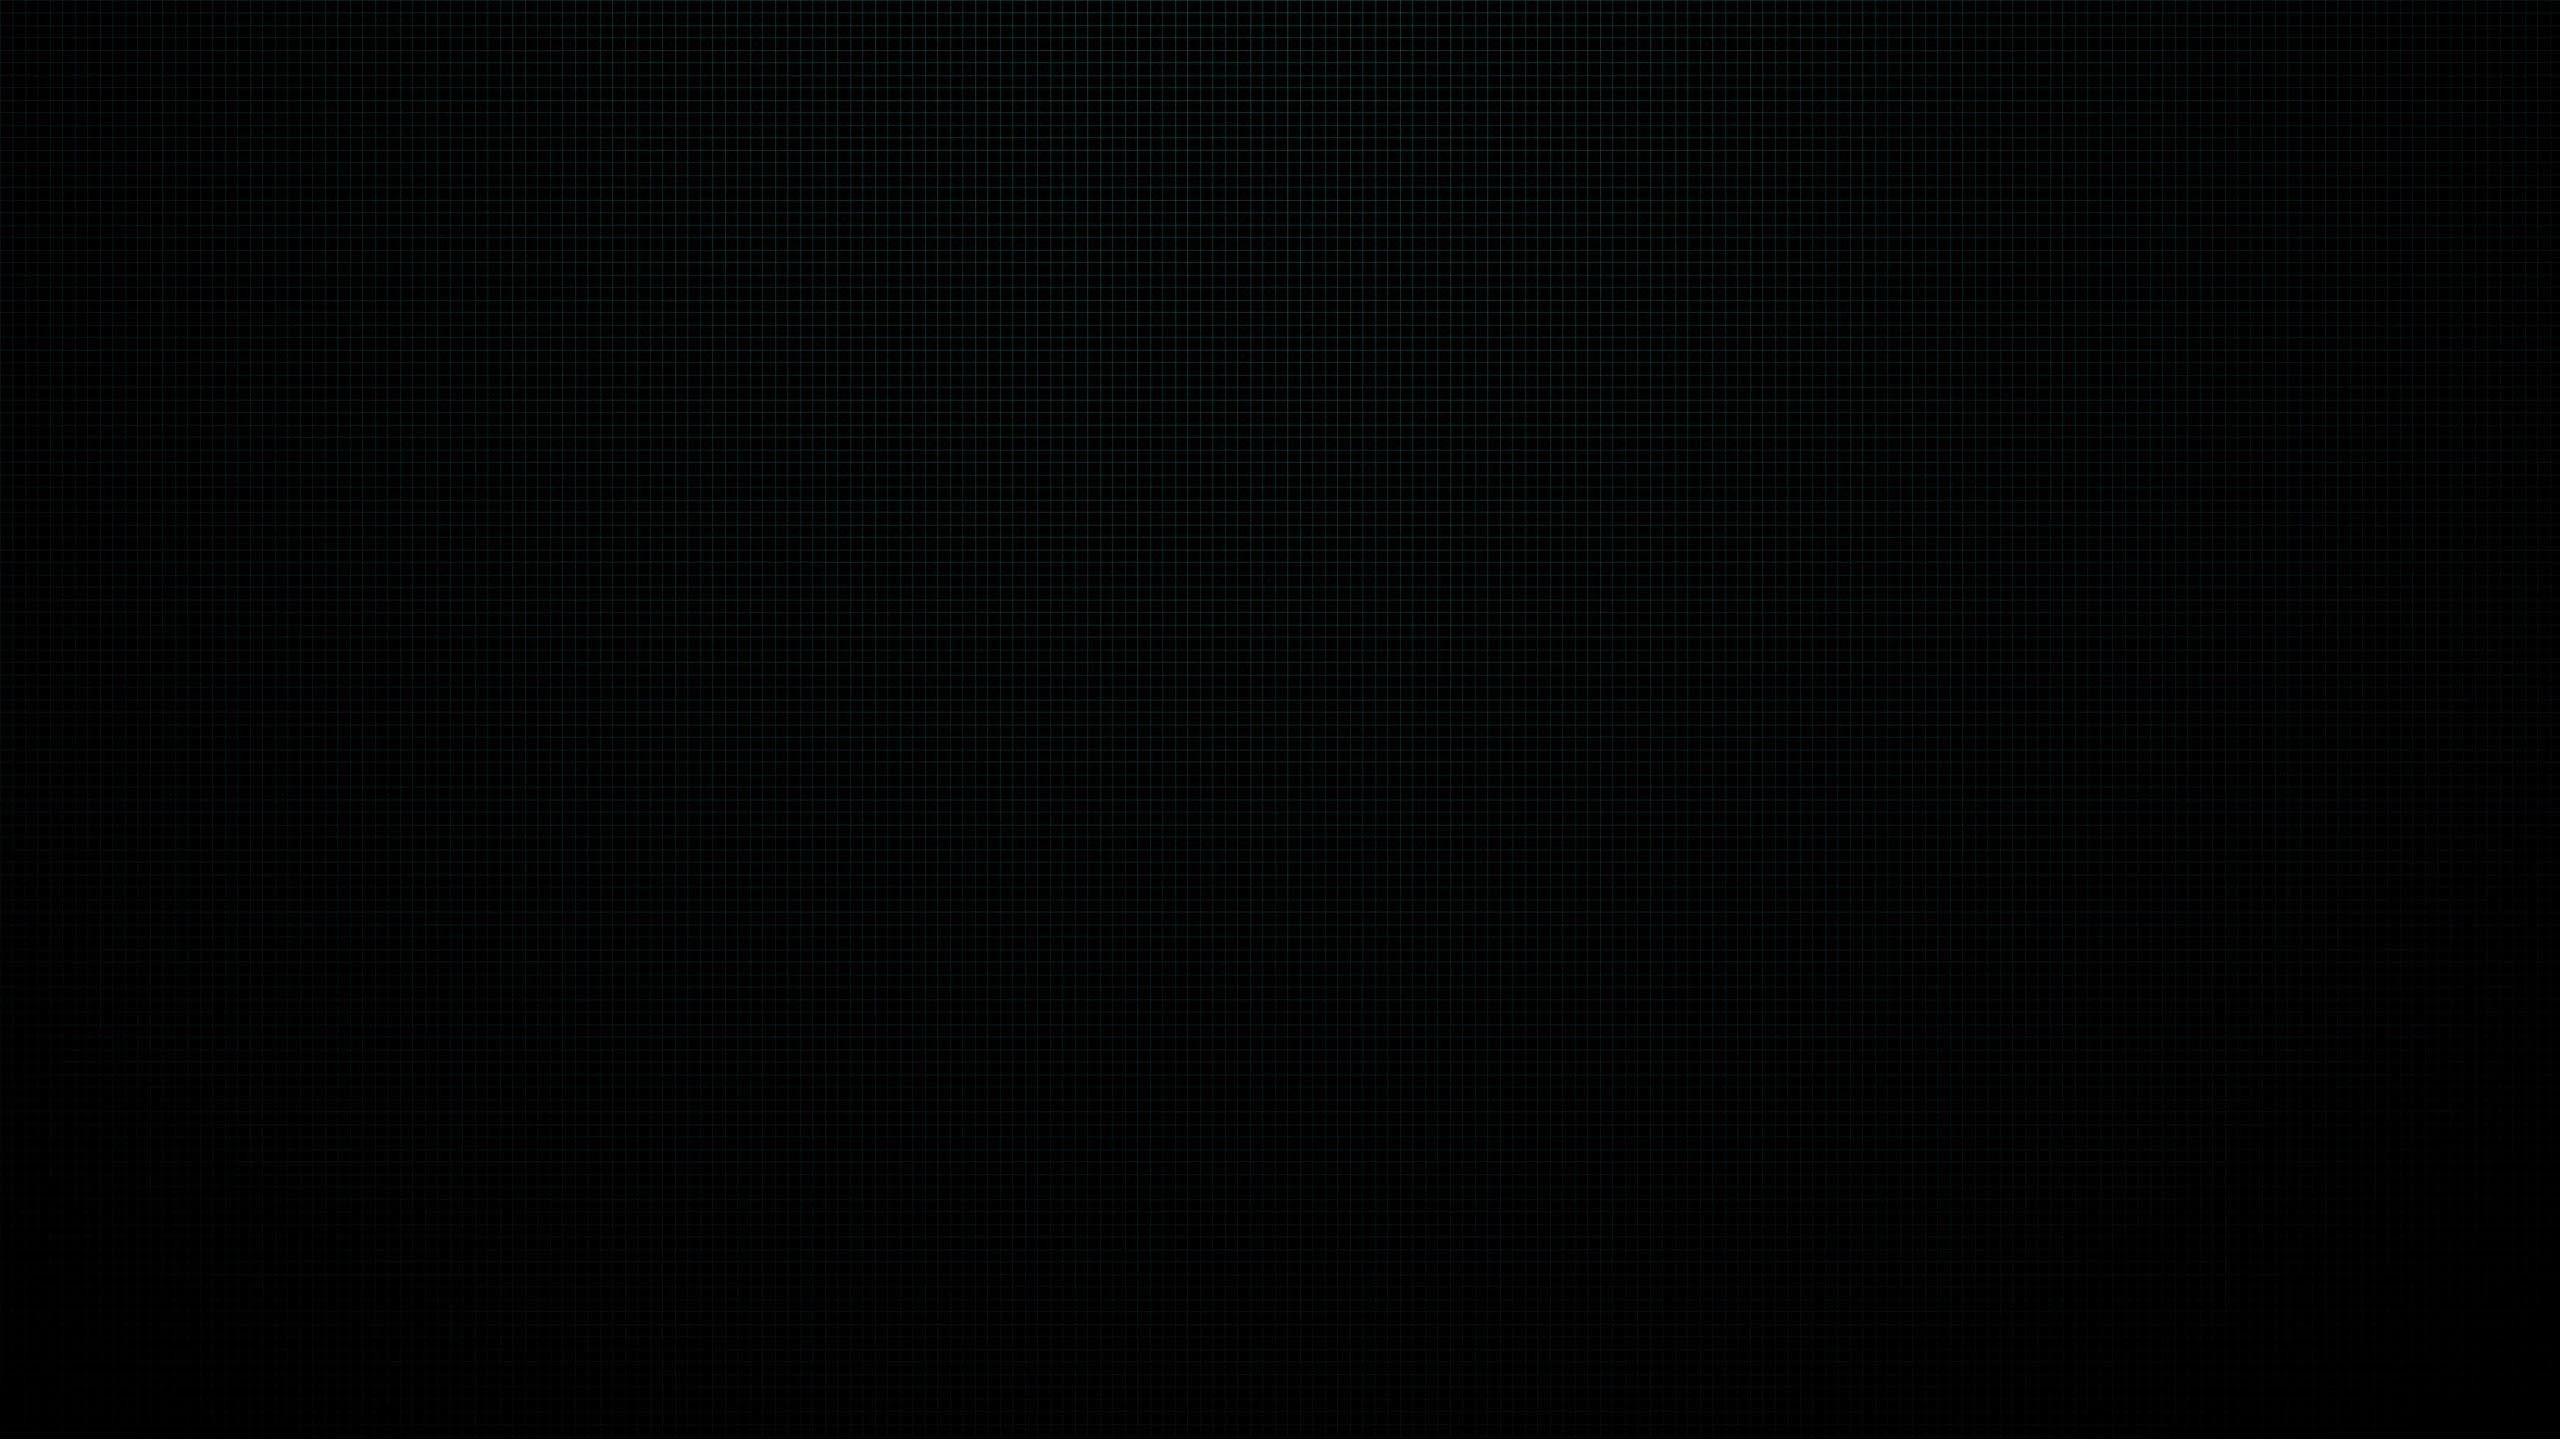 Kumpulan Wallpaper Black Solid